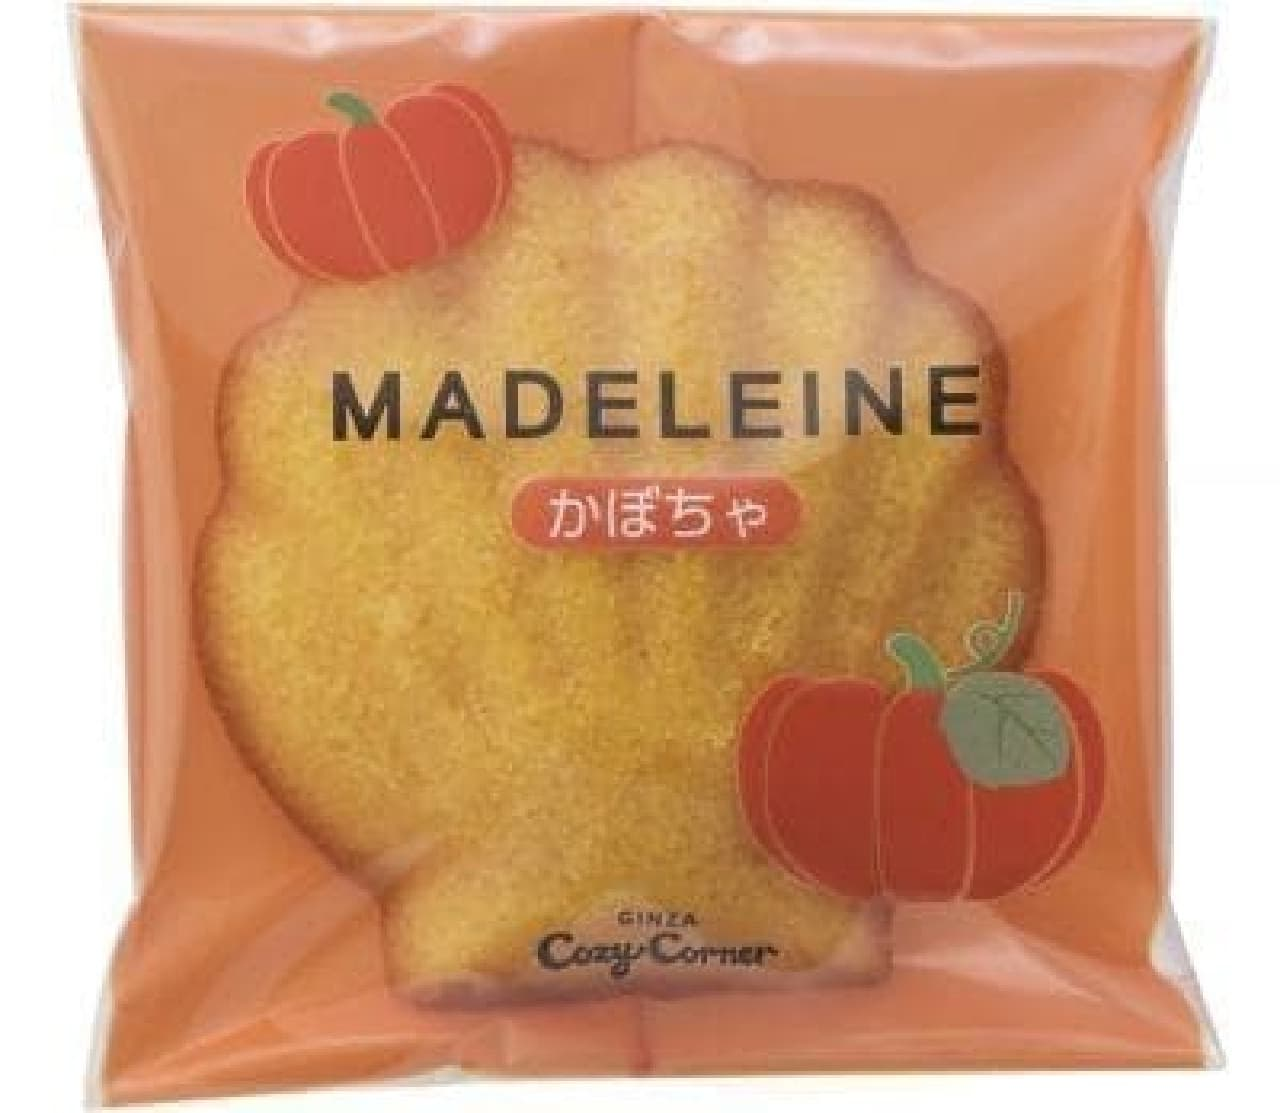 銀座コージーコーナー「かぼちゃマドレーヌ」